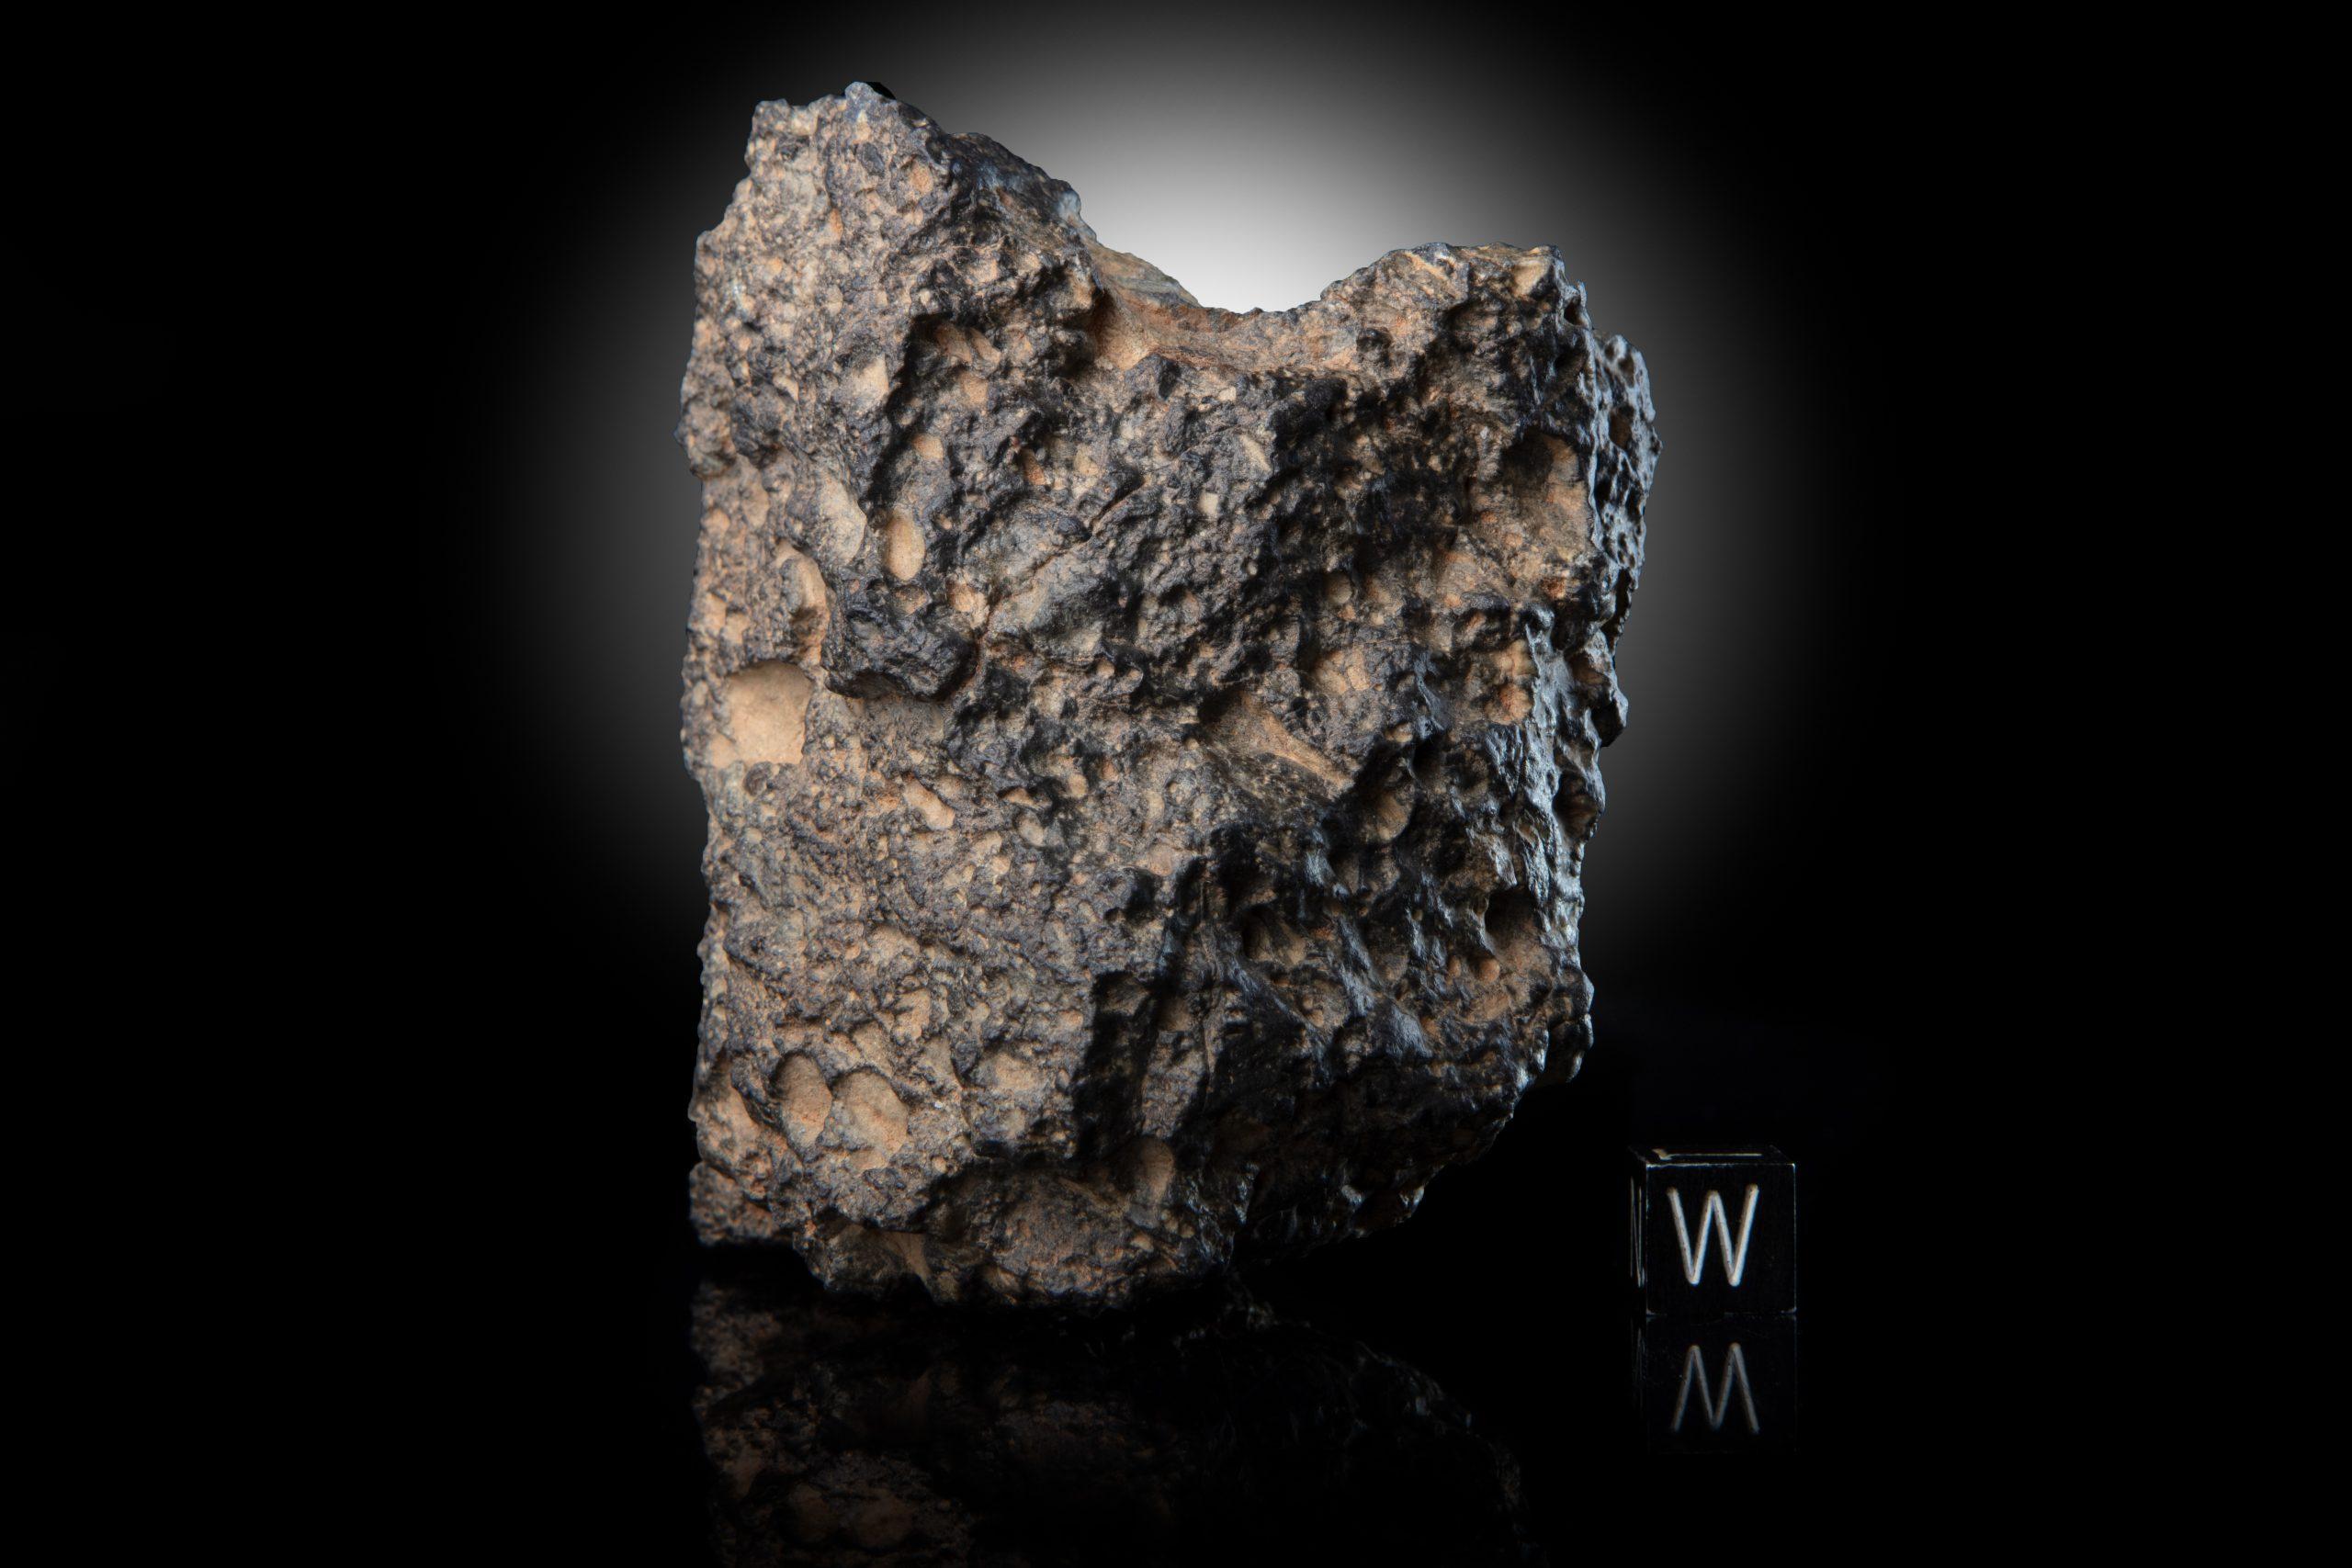 lunar meteorite 363 g